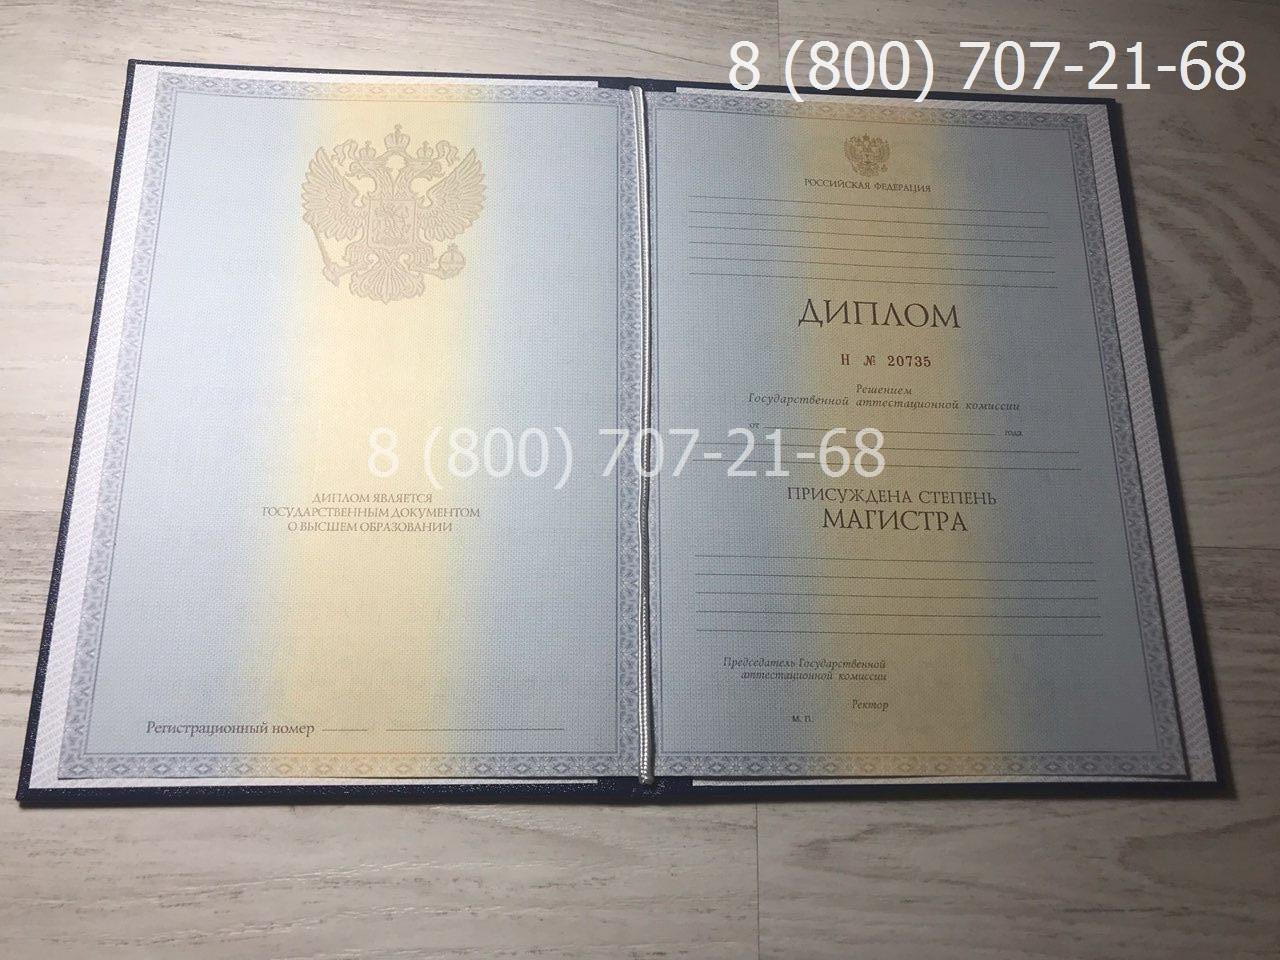 Диплом магистра 2011-2013 года фото 1